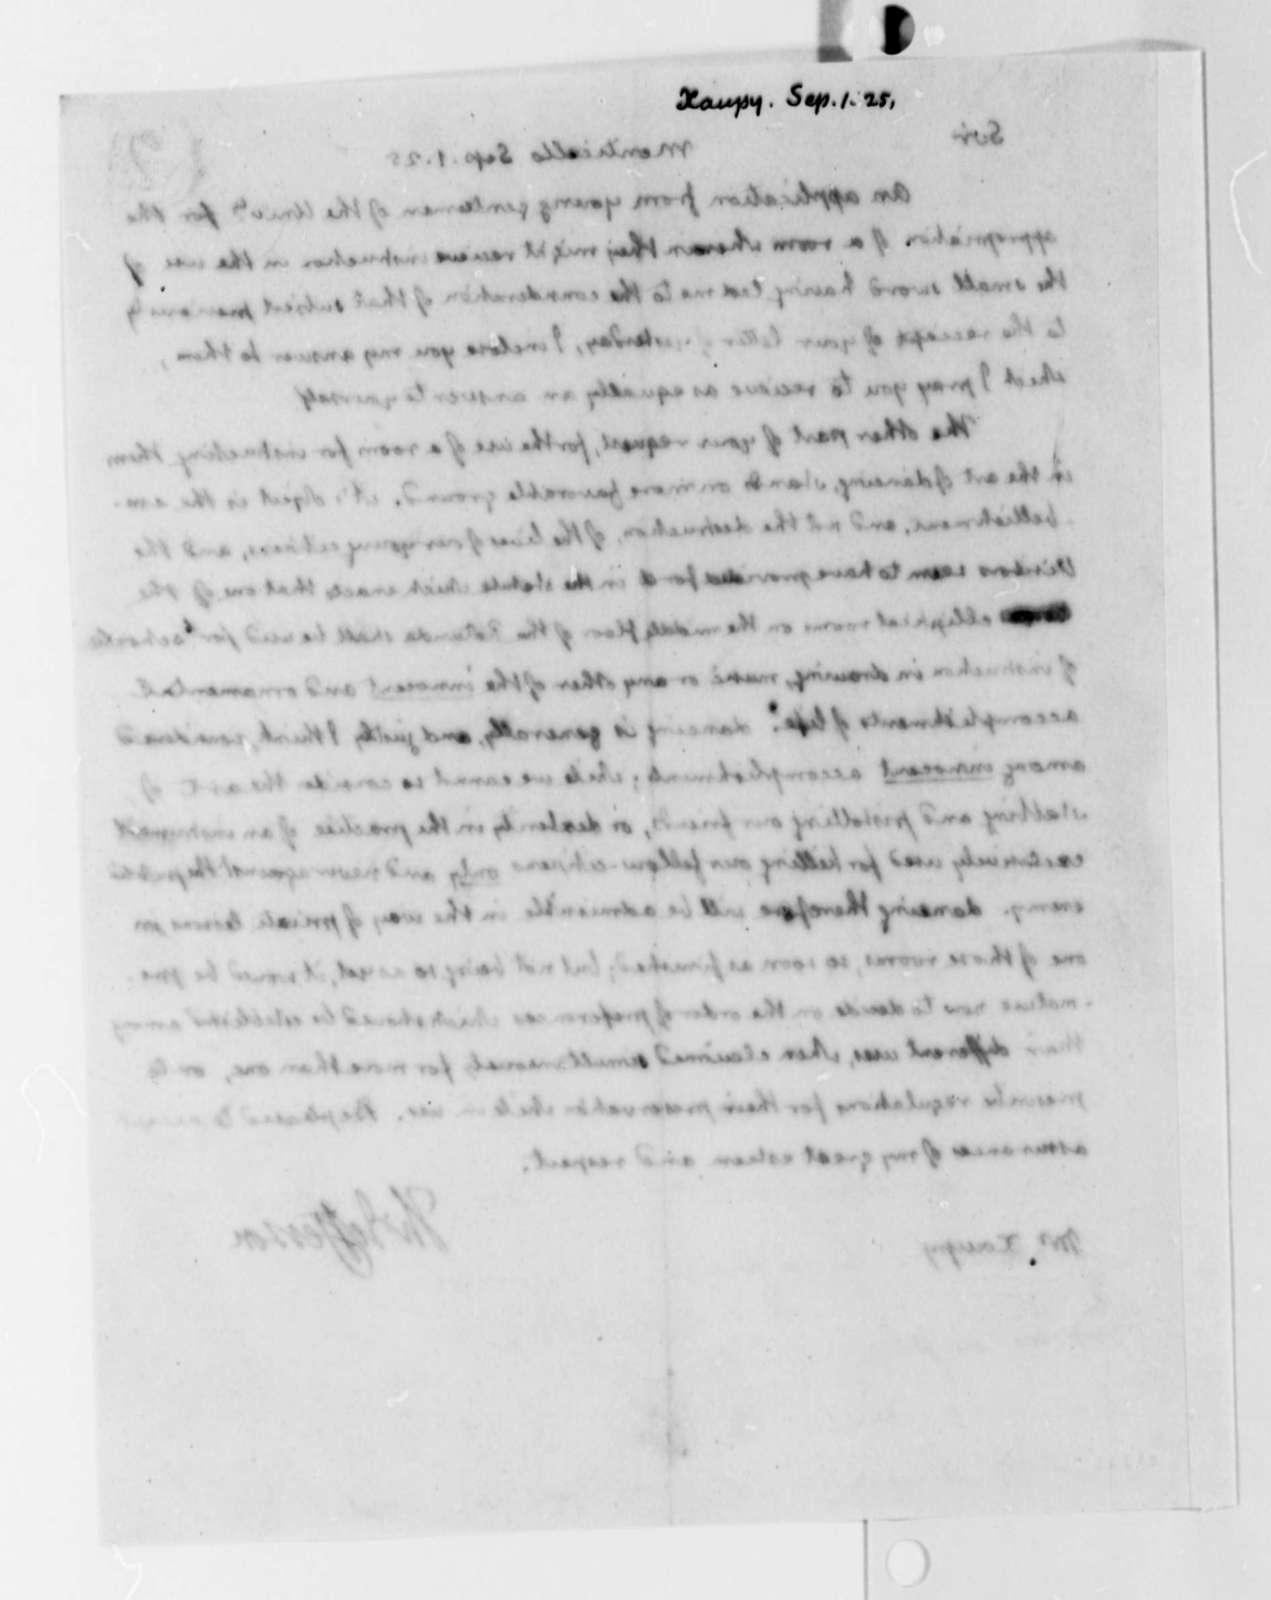 Thomas Jefferson to Louis Xaupe, September 1, 1825